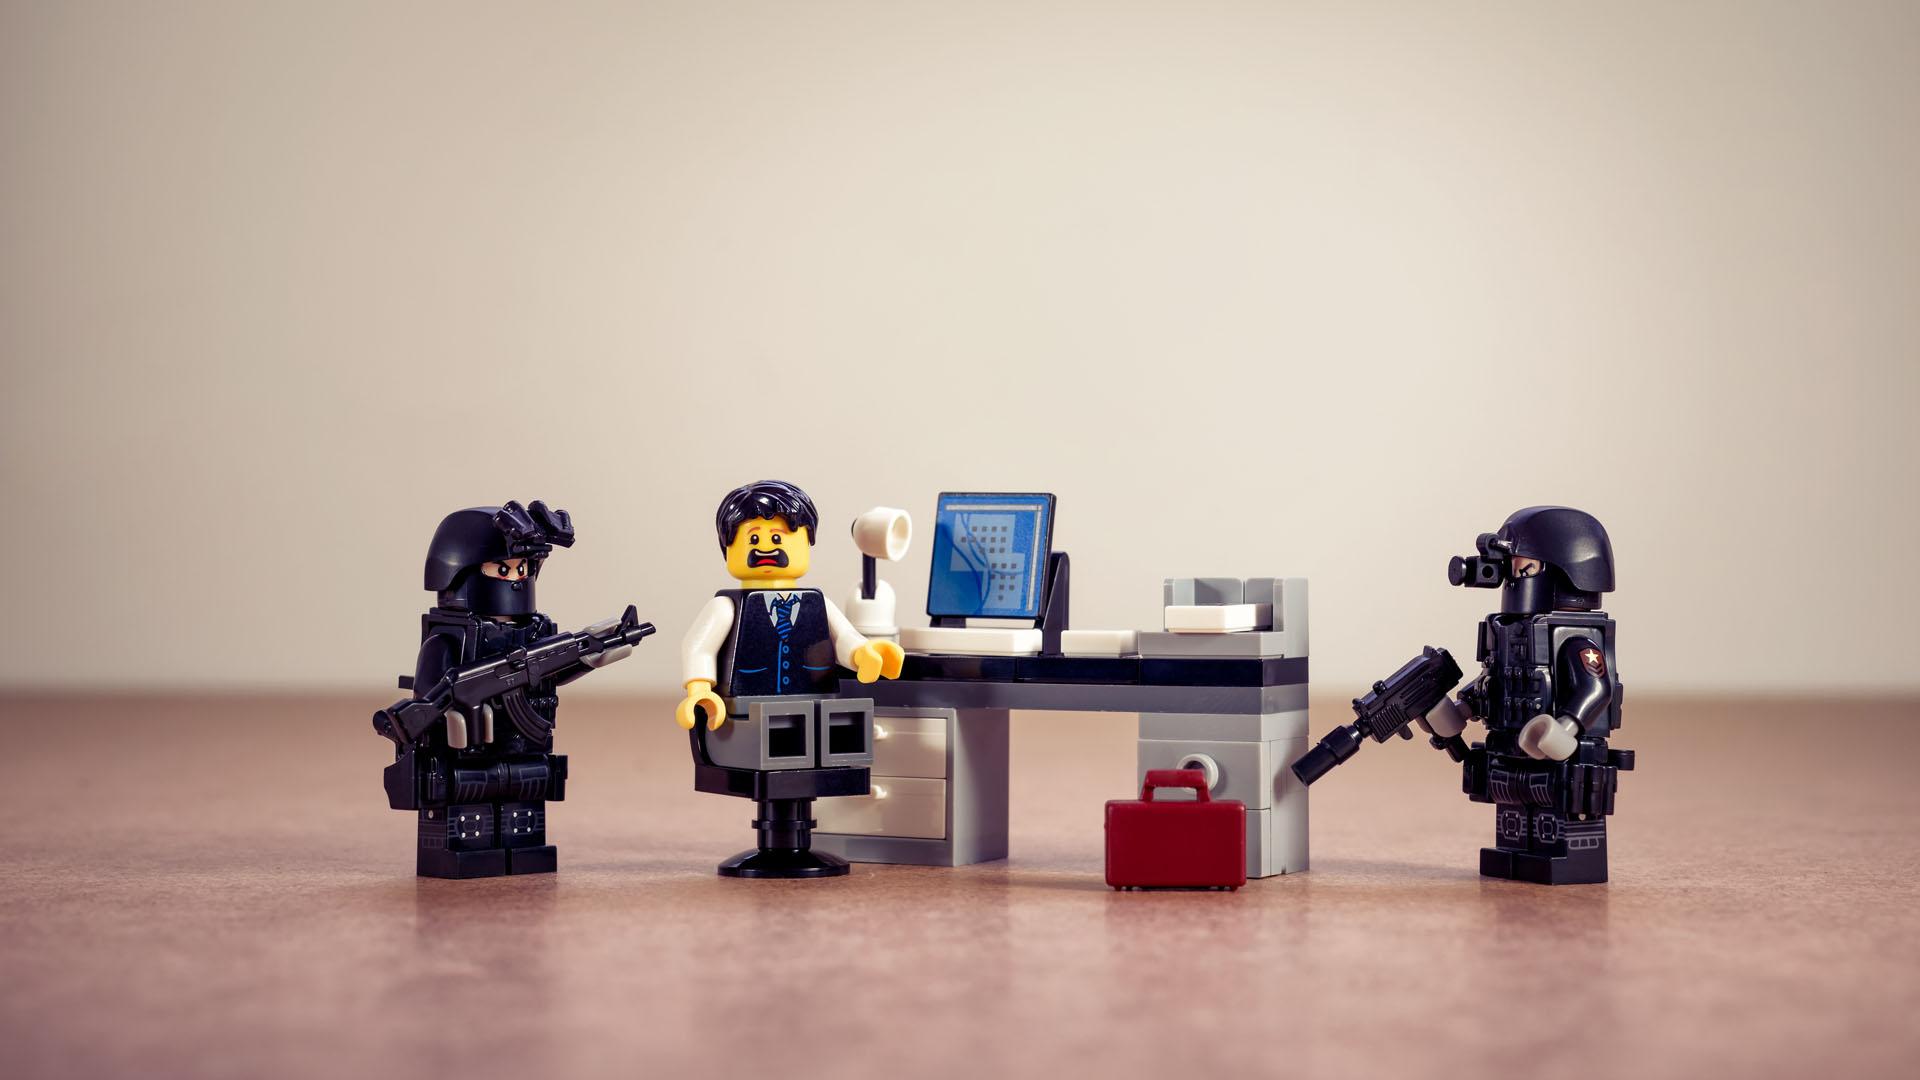 Niemand hat die Absicht einen Überwachungsstaat zu errichten …